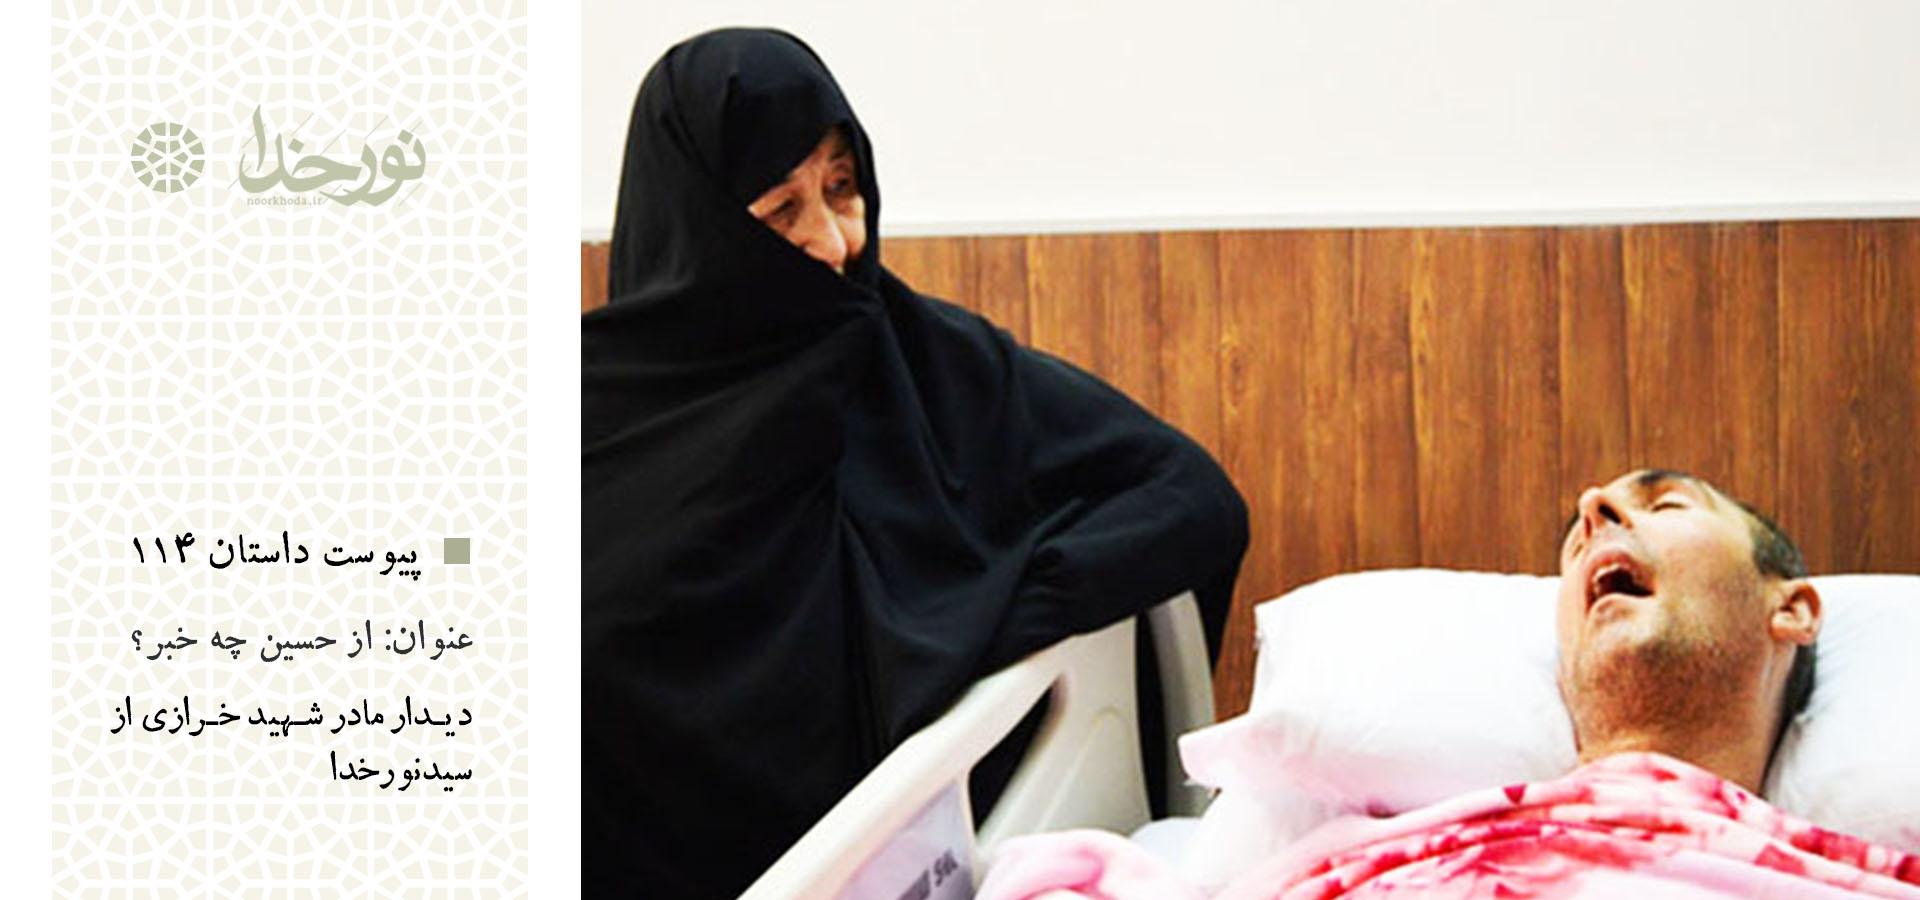 دیدار مادر شهید خرازی با سید نورخدا